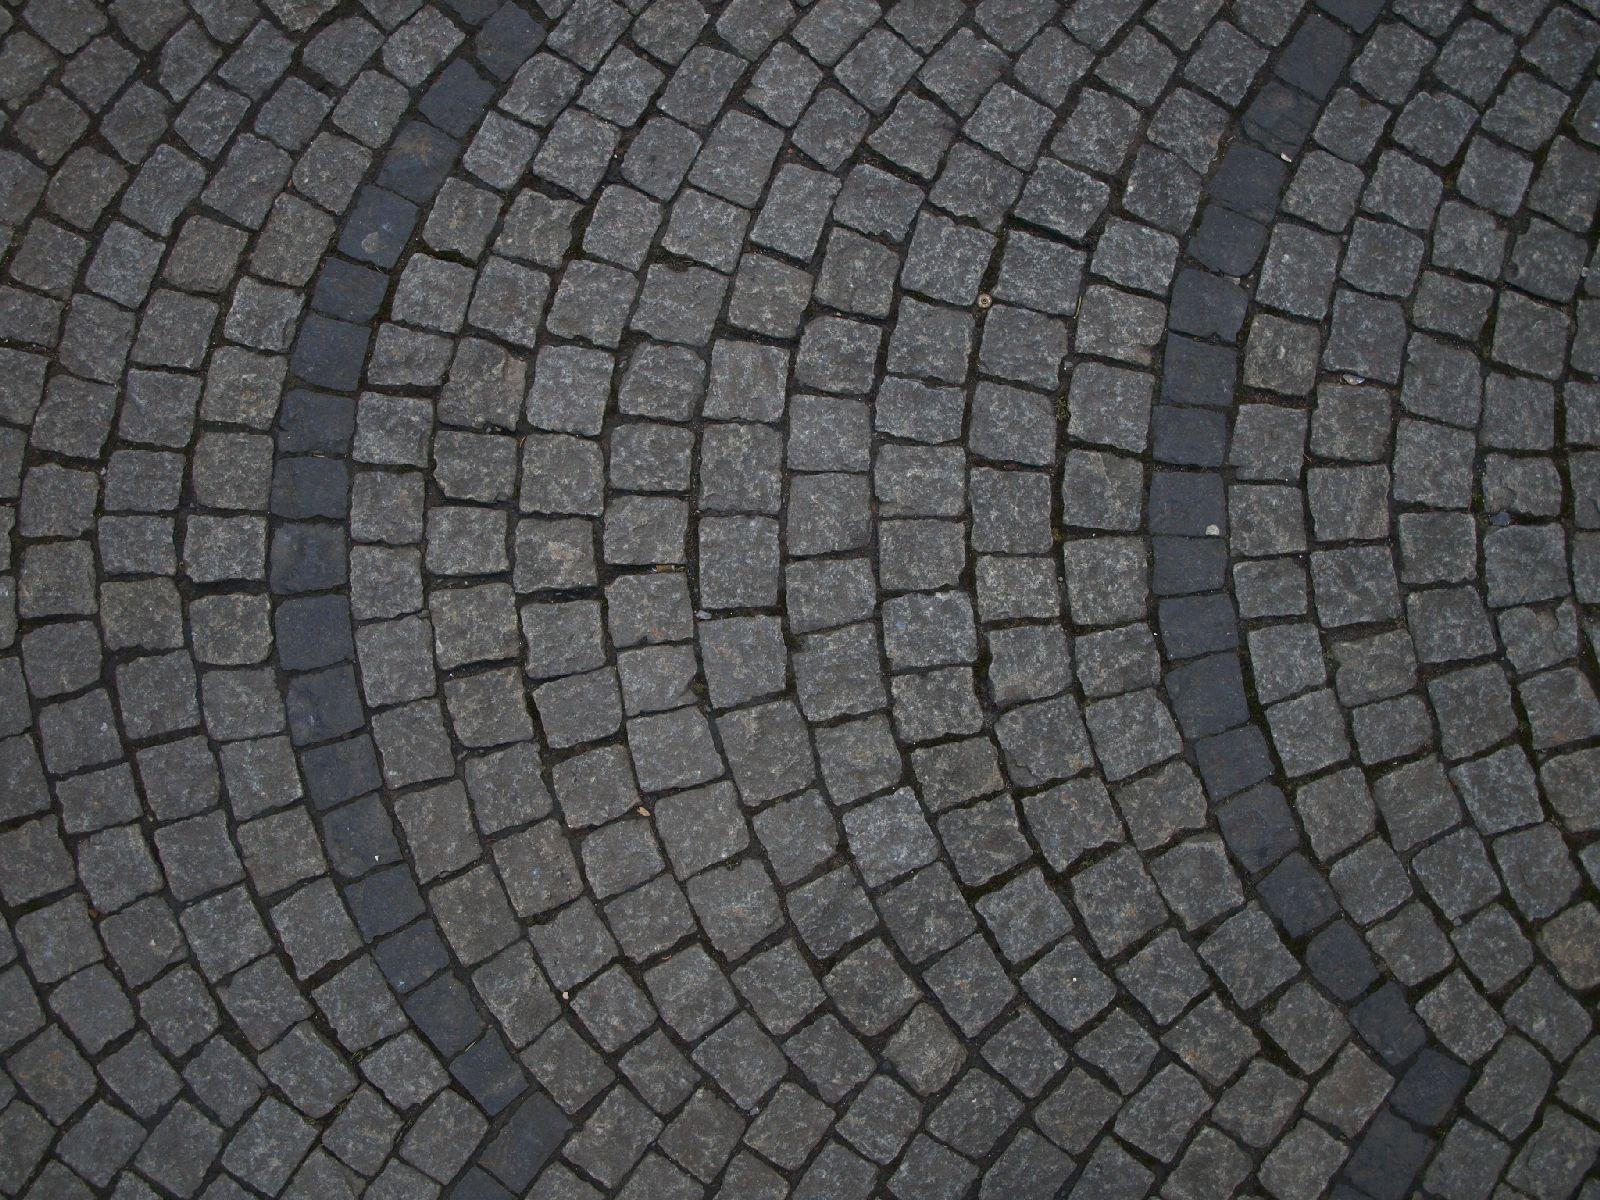 Boden-Gehweg-Strasse-Buergersteig-Textur_A_P1179323